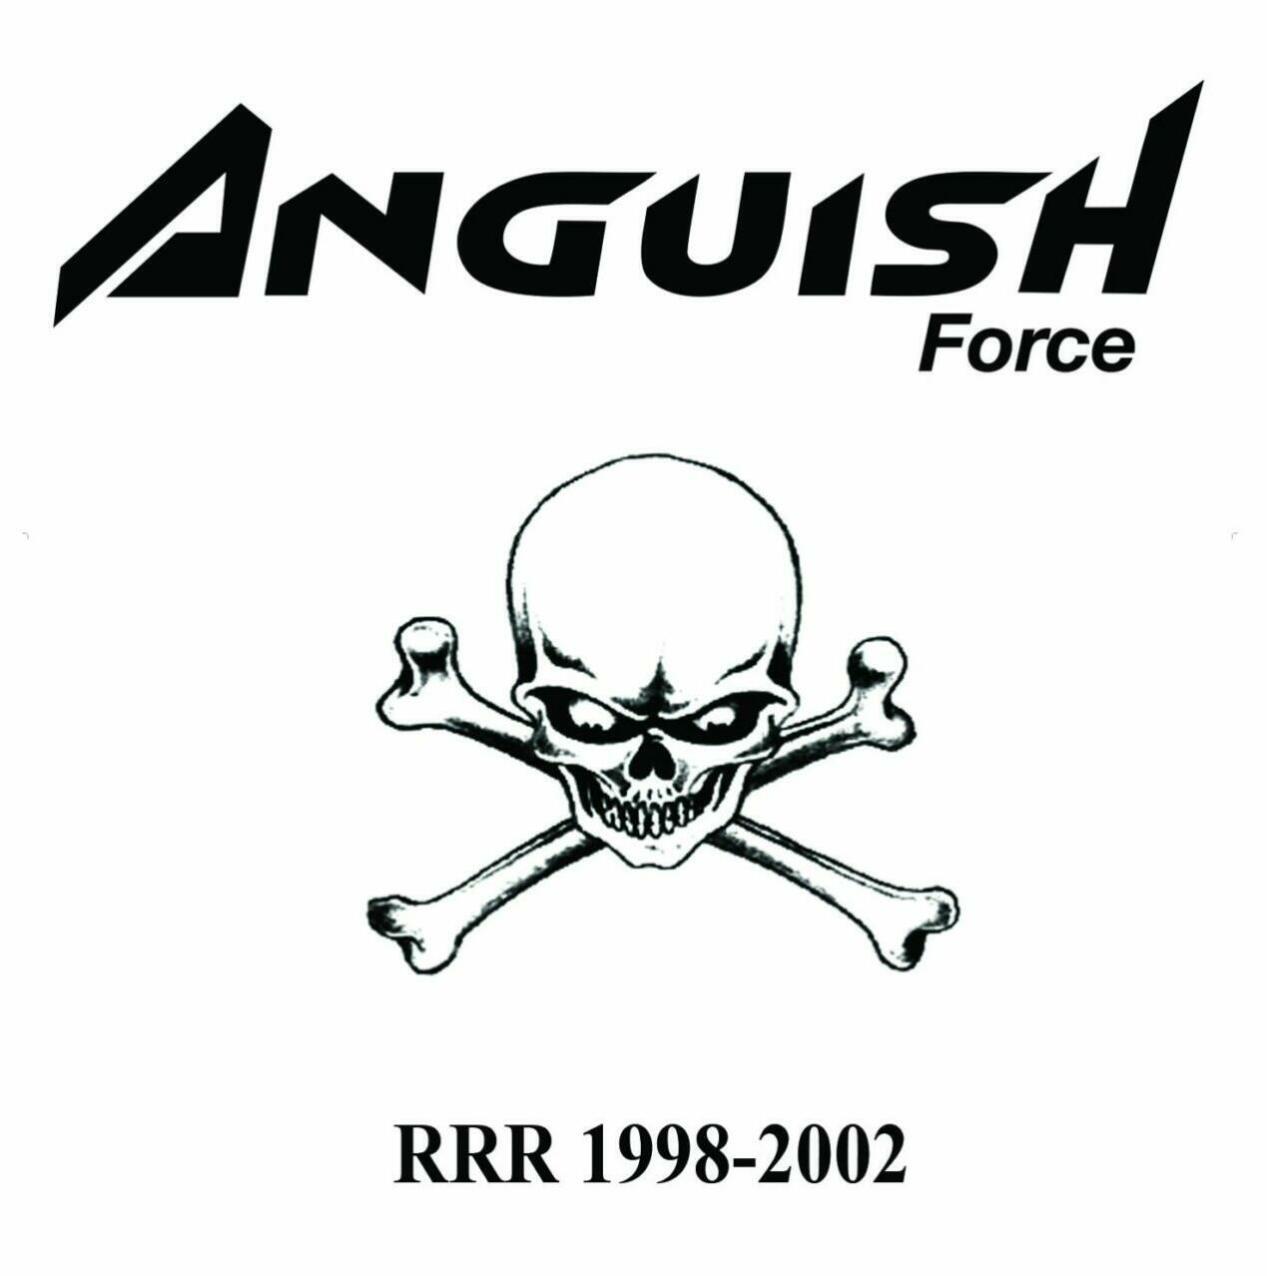 rrr 1998 2002 4fc4d9543a7fa - RRR 1998-2002 - albums